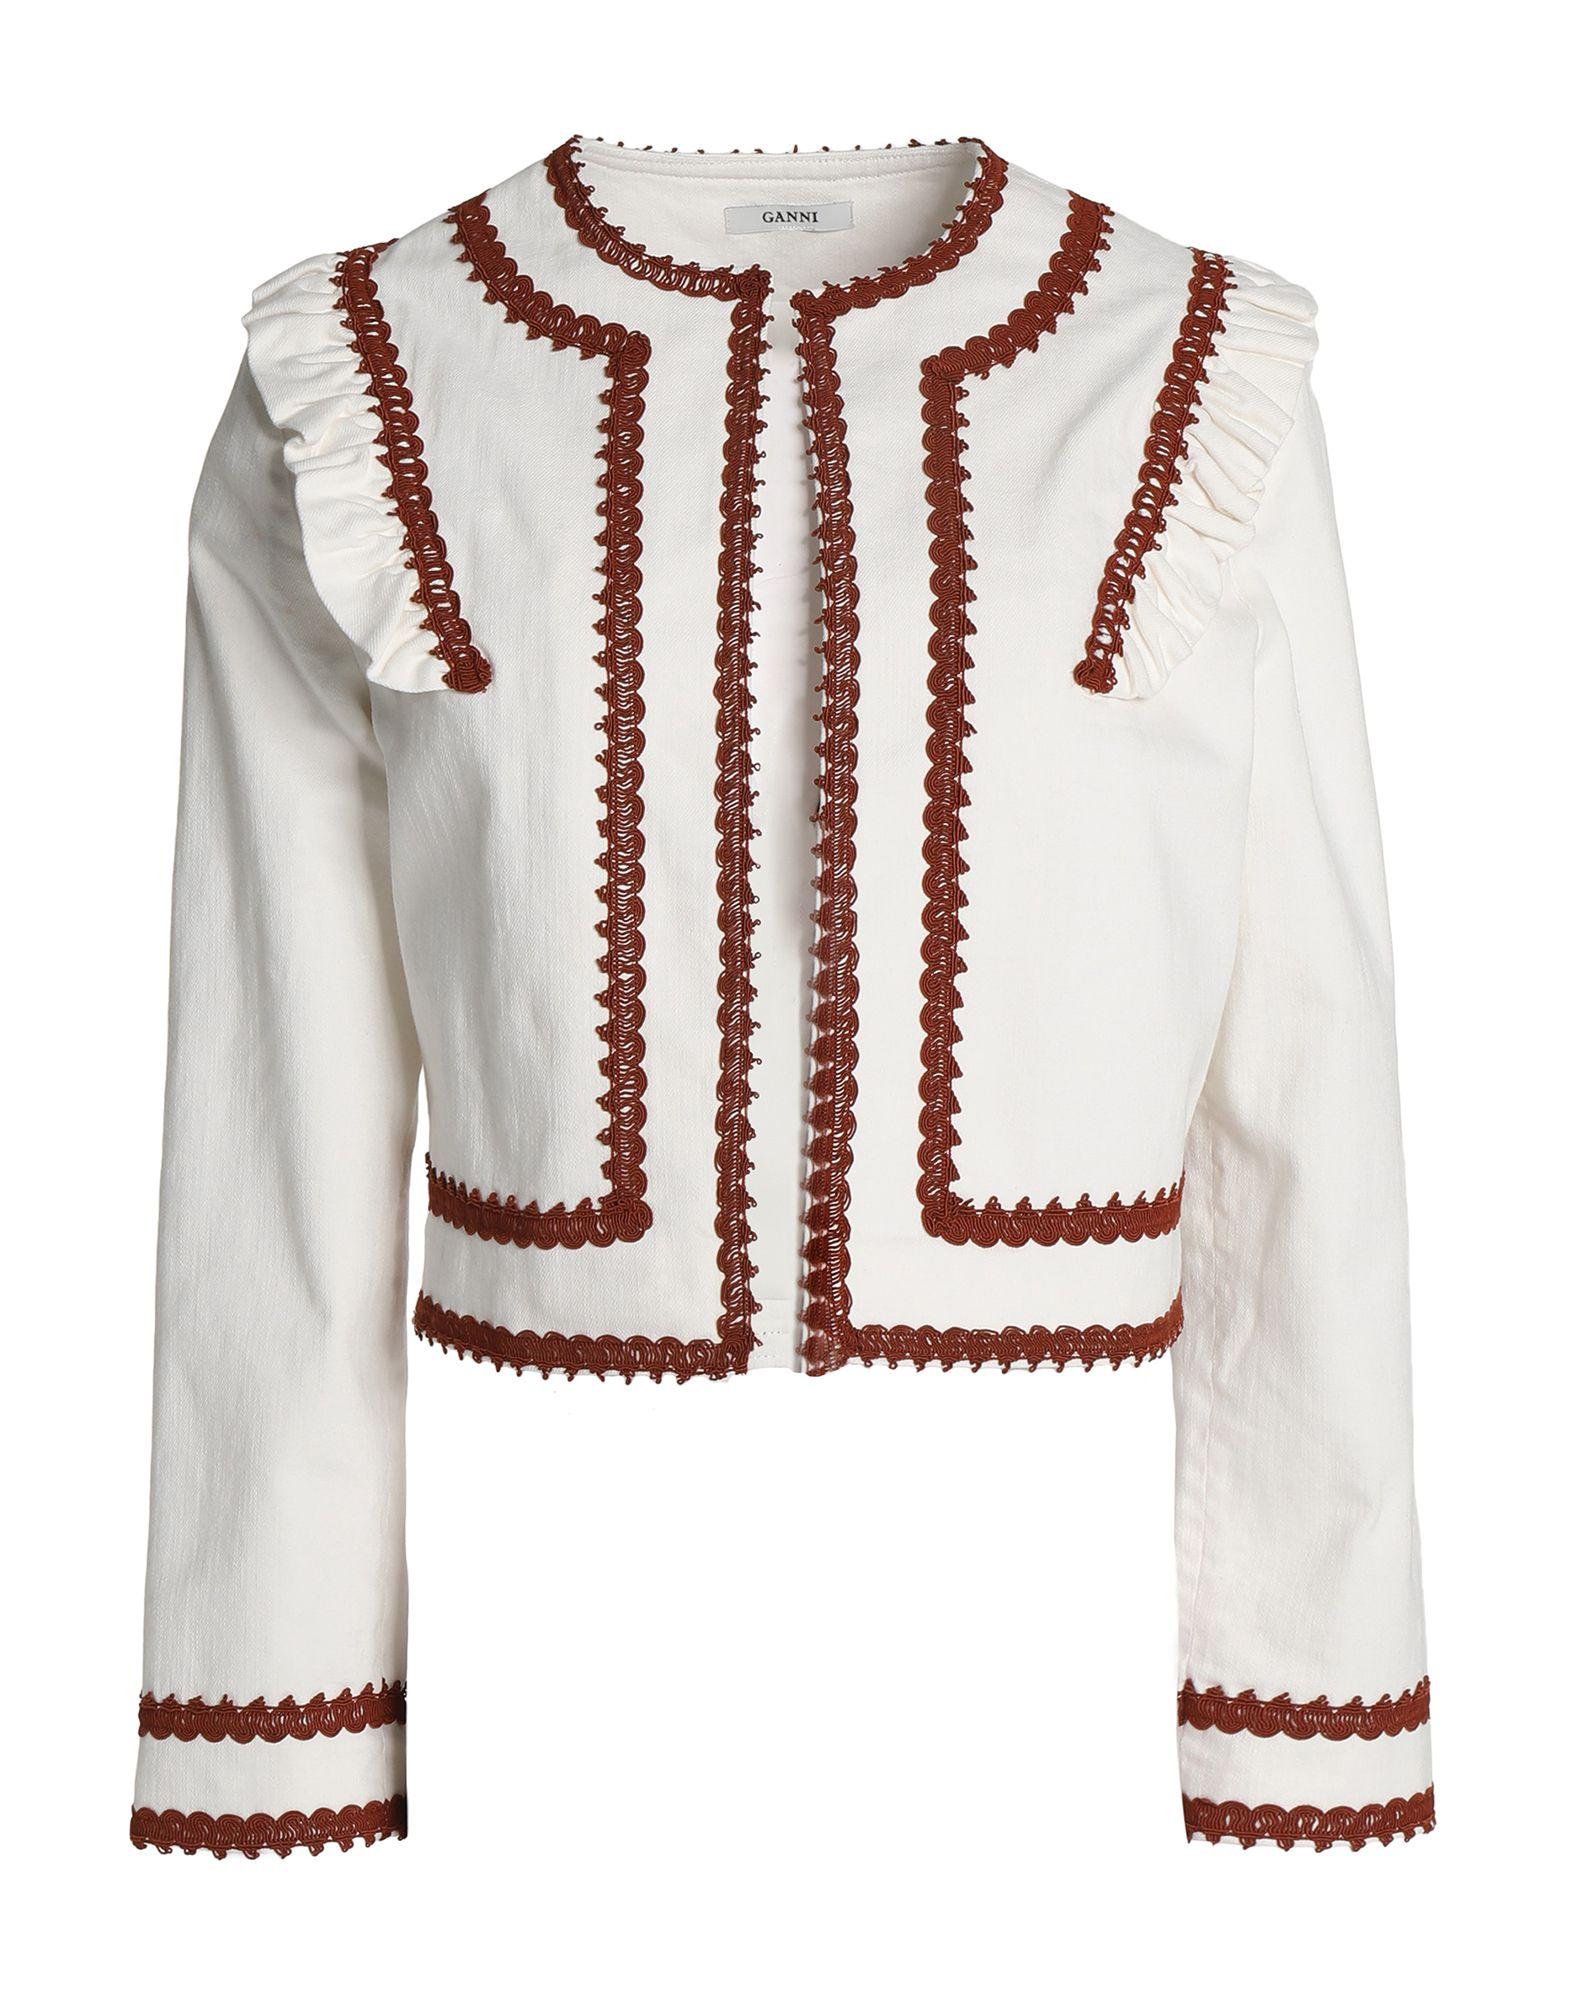 GANNI Джинсовая верхняя одежда брендовая одежда